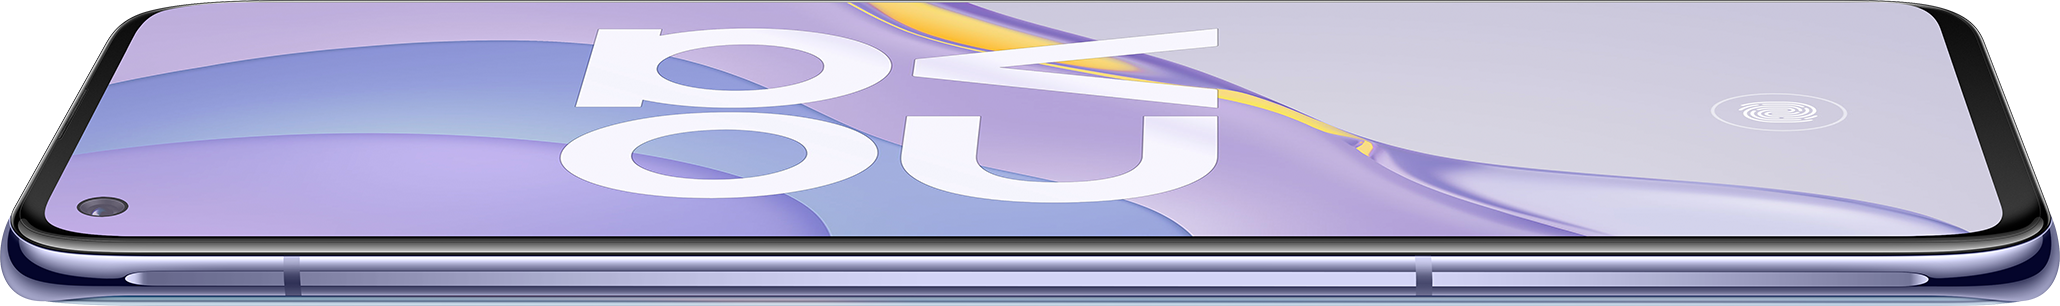 HUAWEI nova 7 Screen